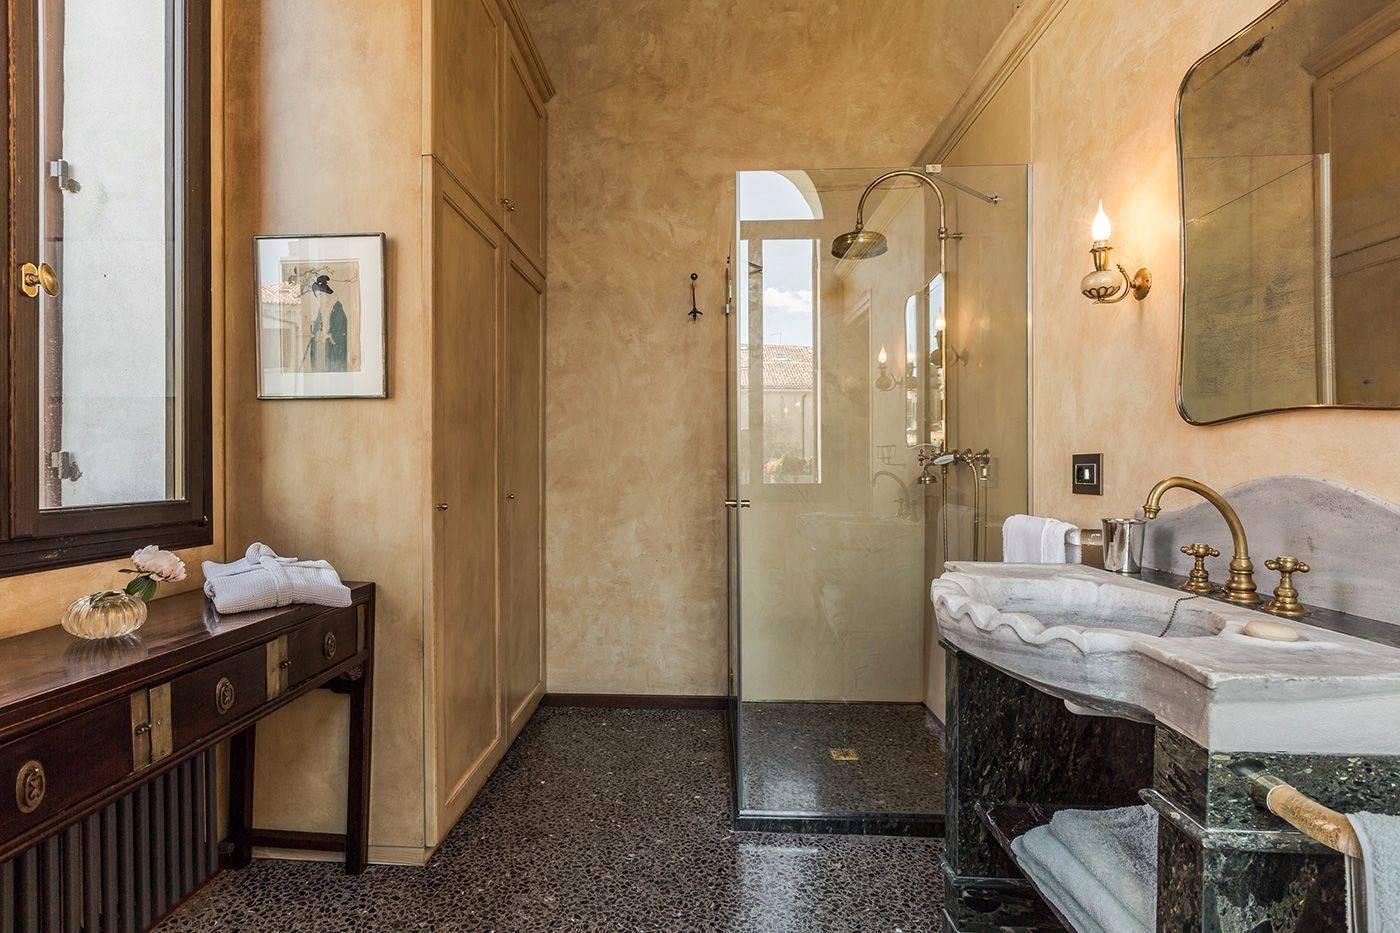 the en-suite bathroom is just amazing